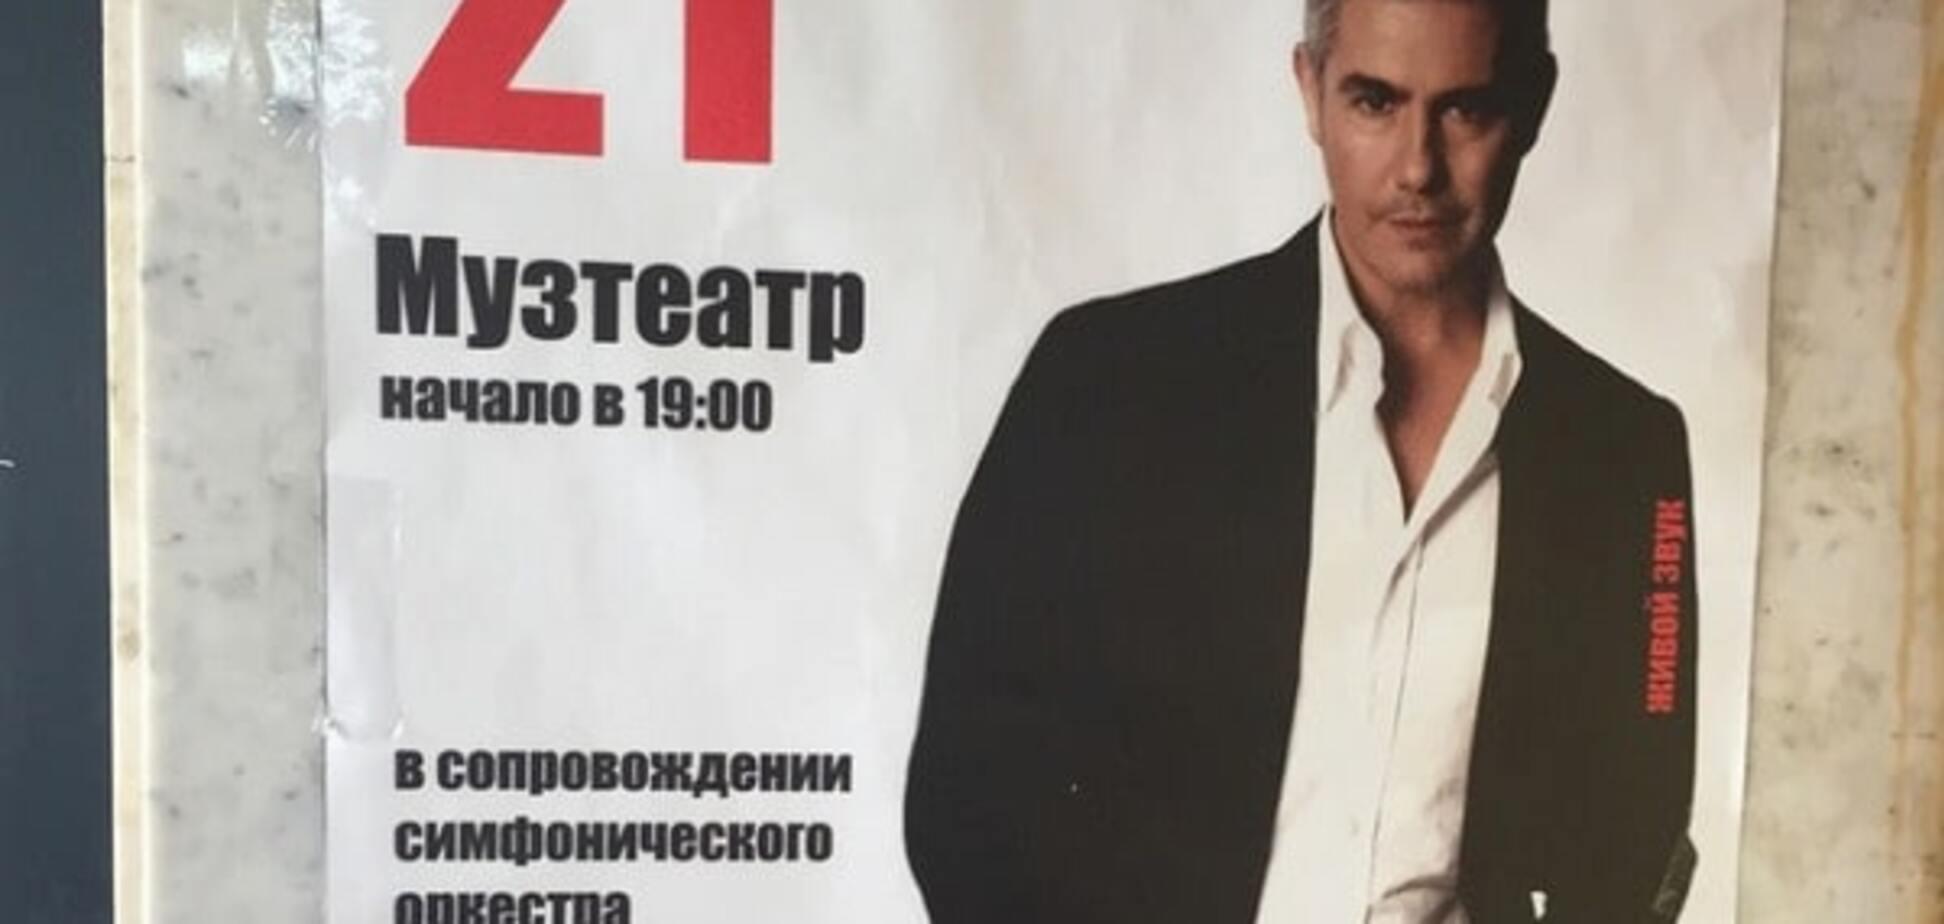 Нужно уважать законы: Минкульт 'забанил' известного итальянца за гастроли в Крыму